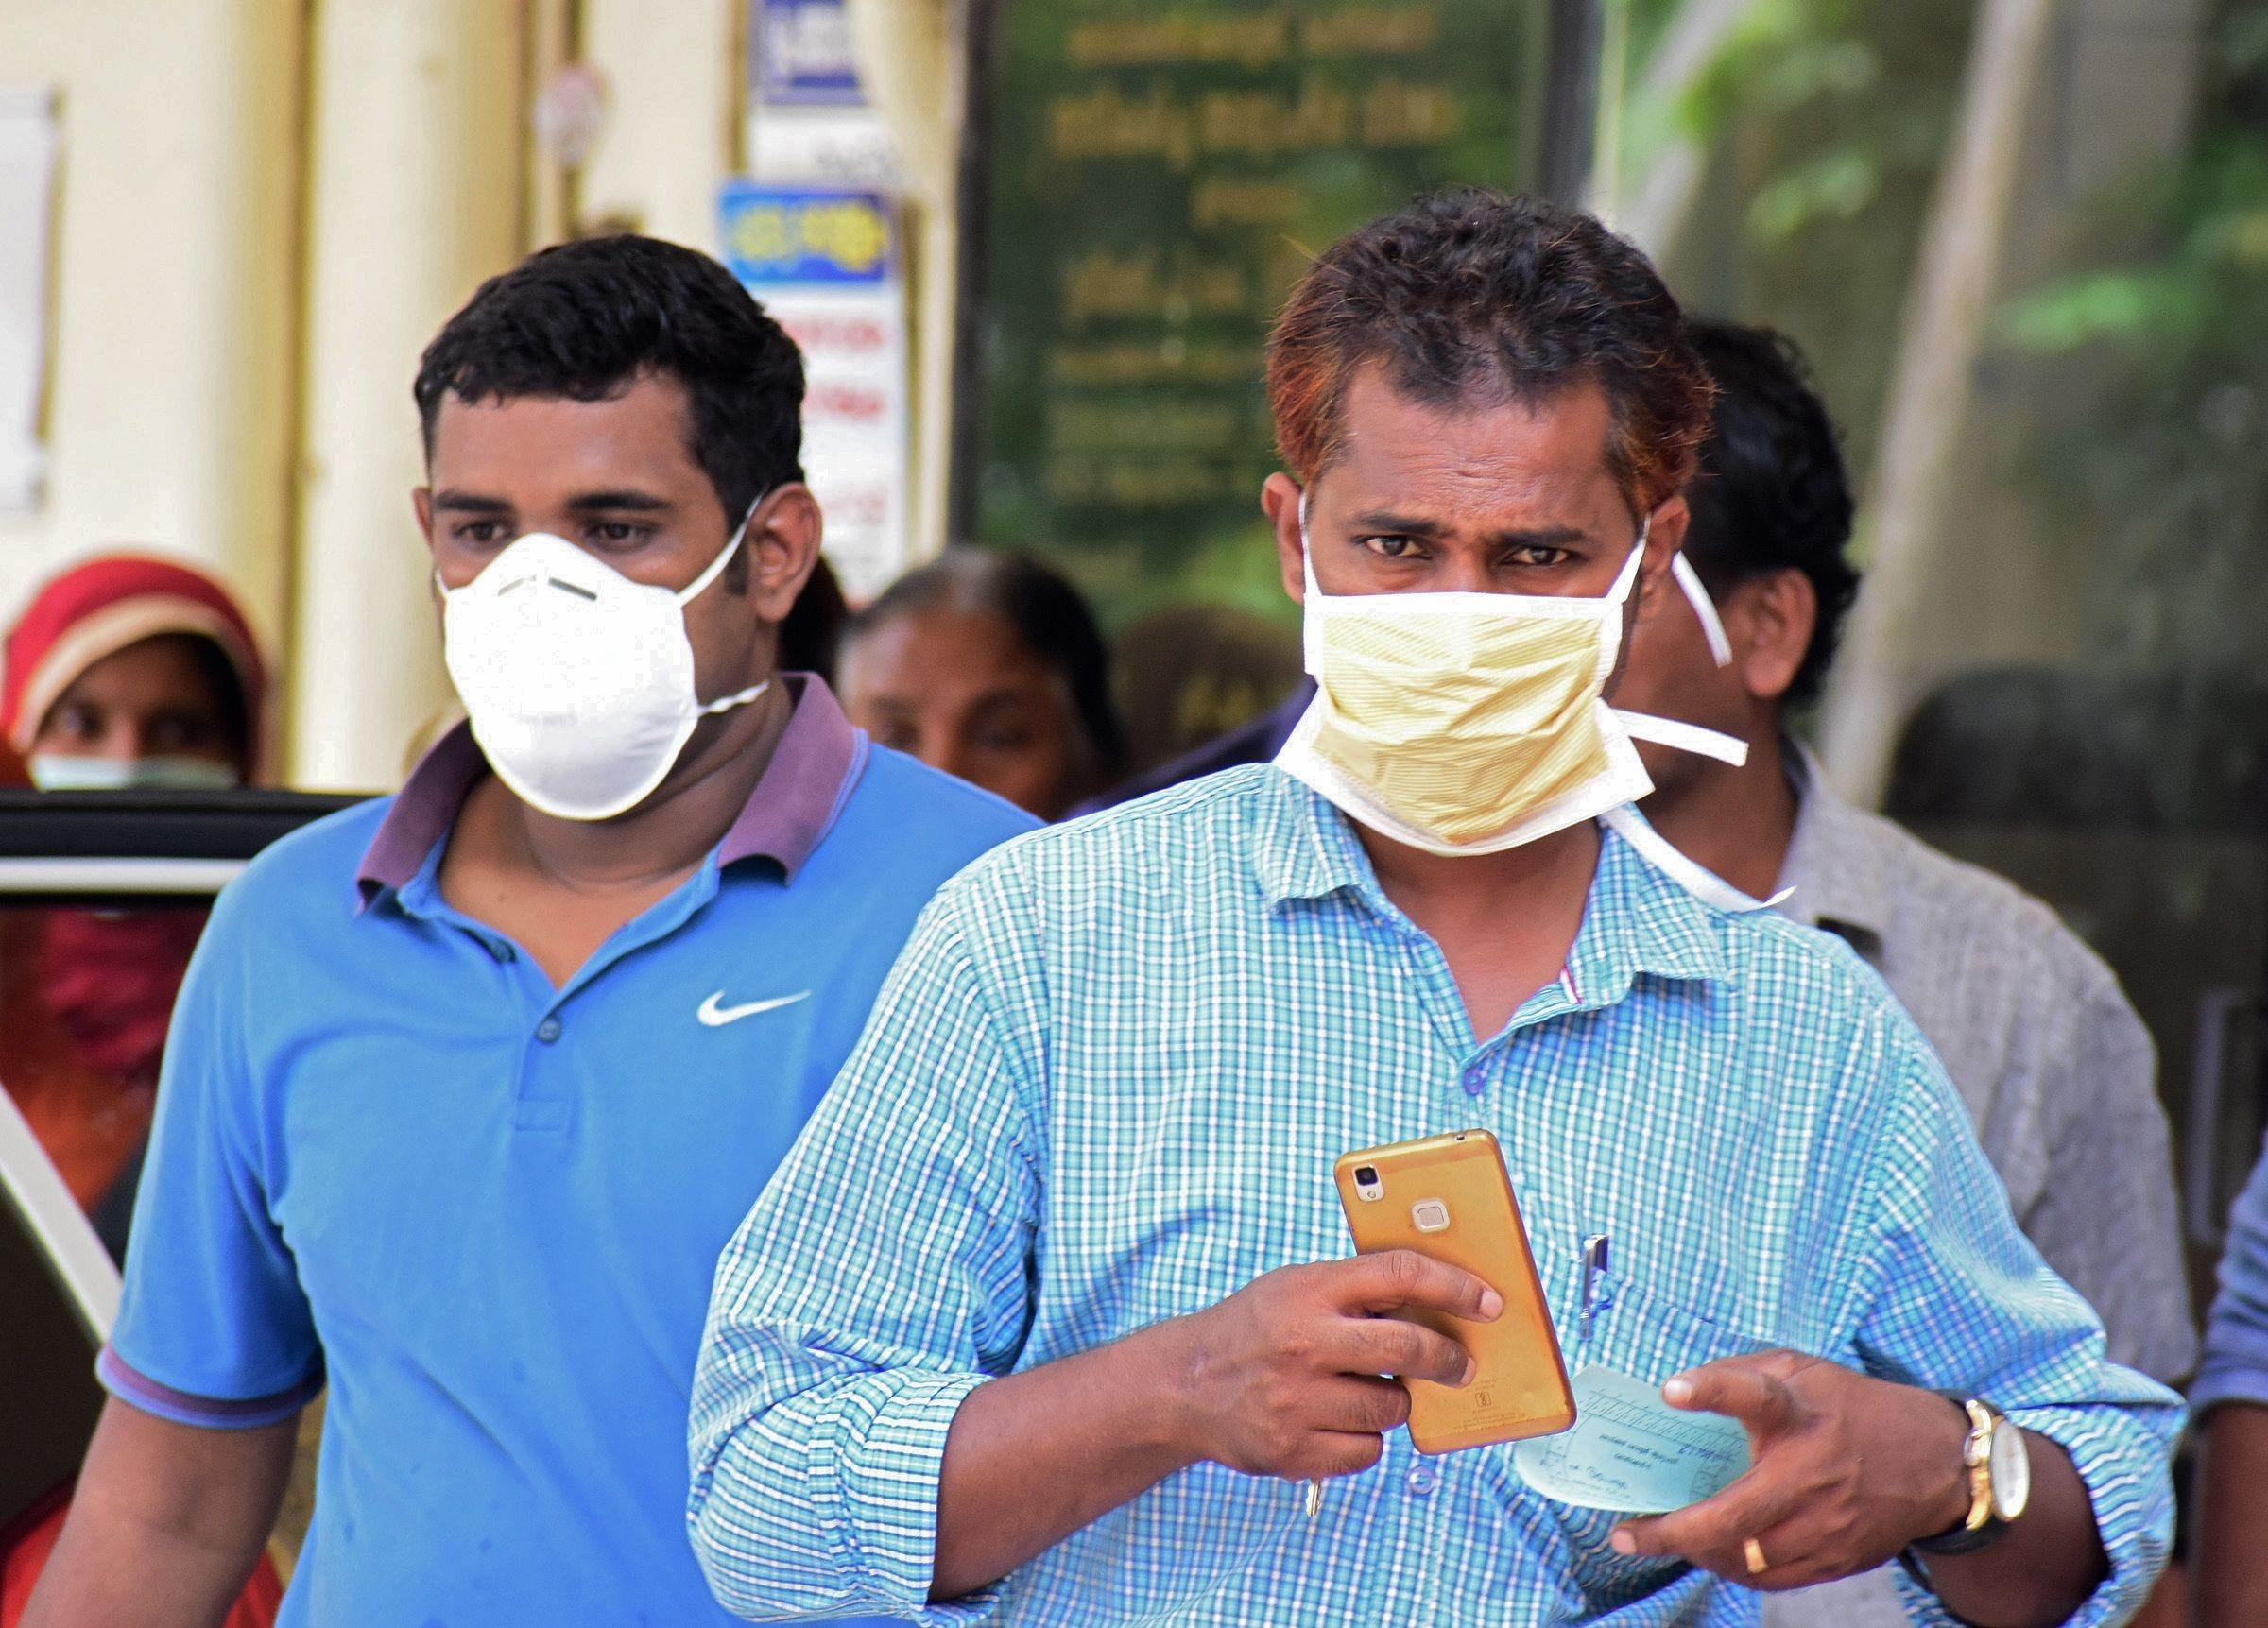 Nipah virus, found in fruit bats, kills 10. Its flu-like symptoms often leads to death